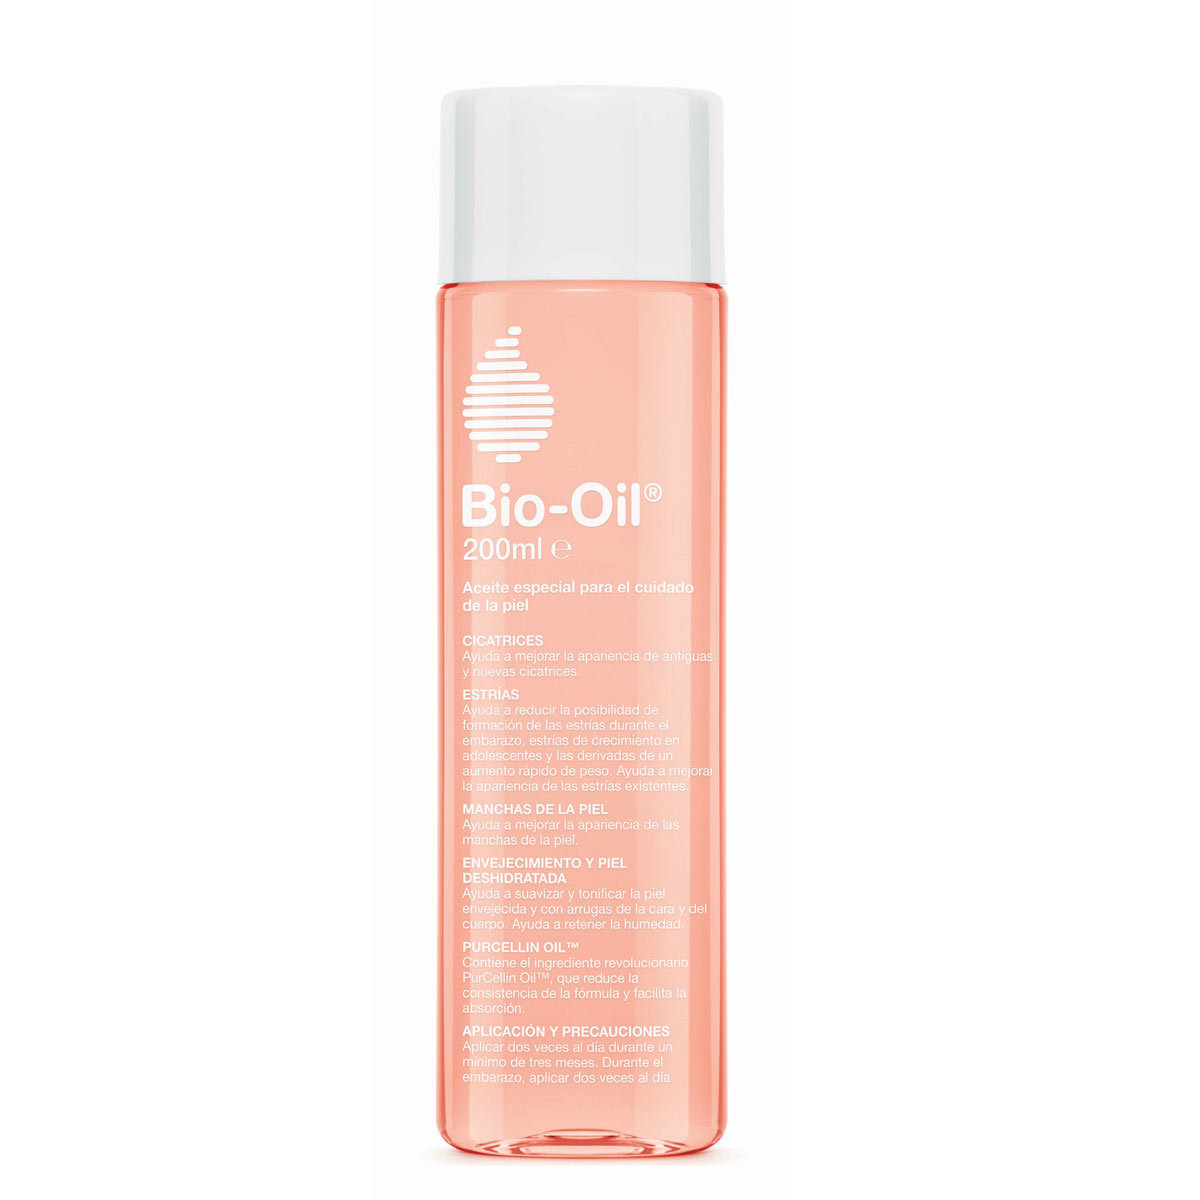 Bio Oil (11,95 euros). Uno de los productos valorados del mundo por...